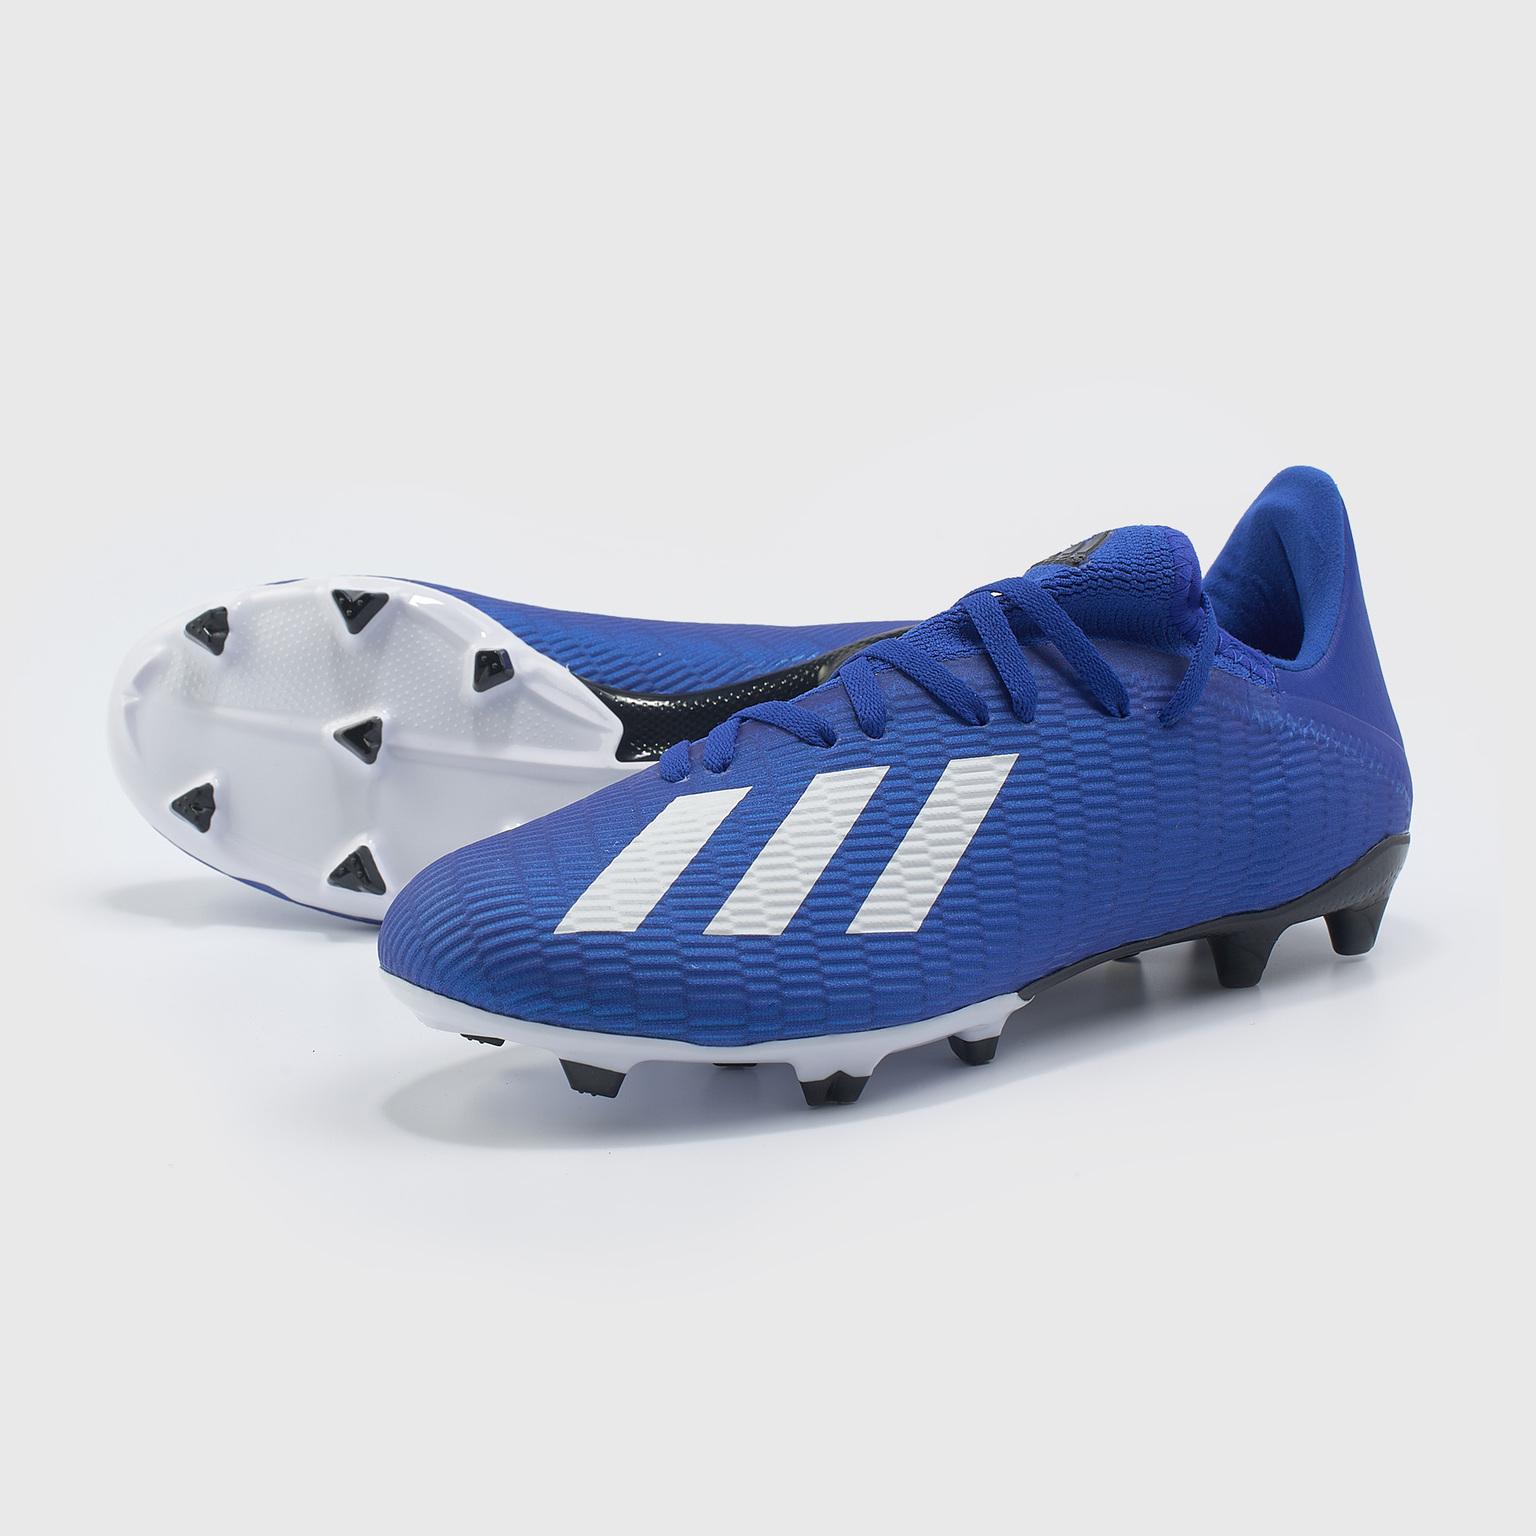 Бутсы Adidas X 19.3 FG EG7130